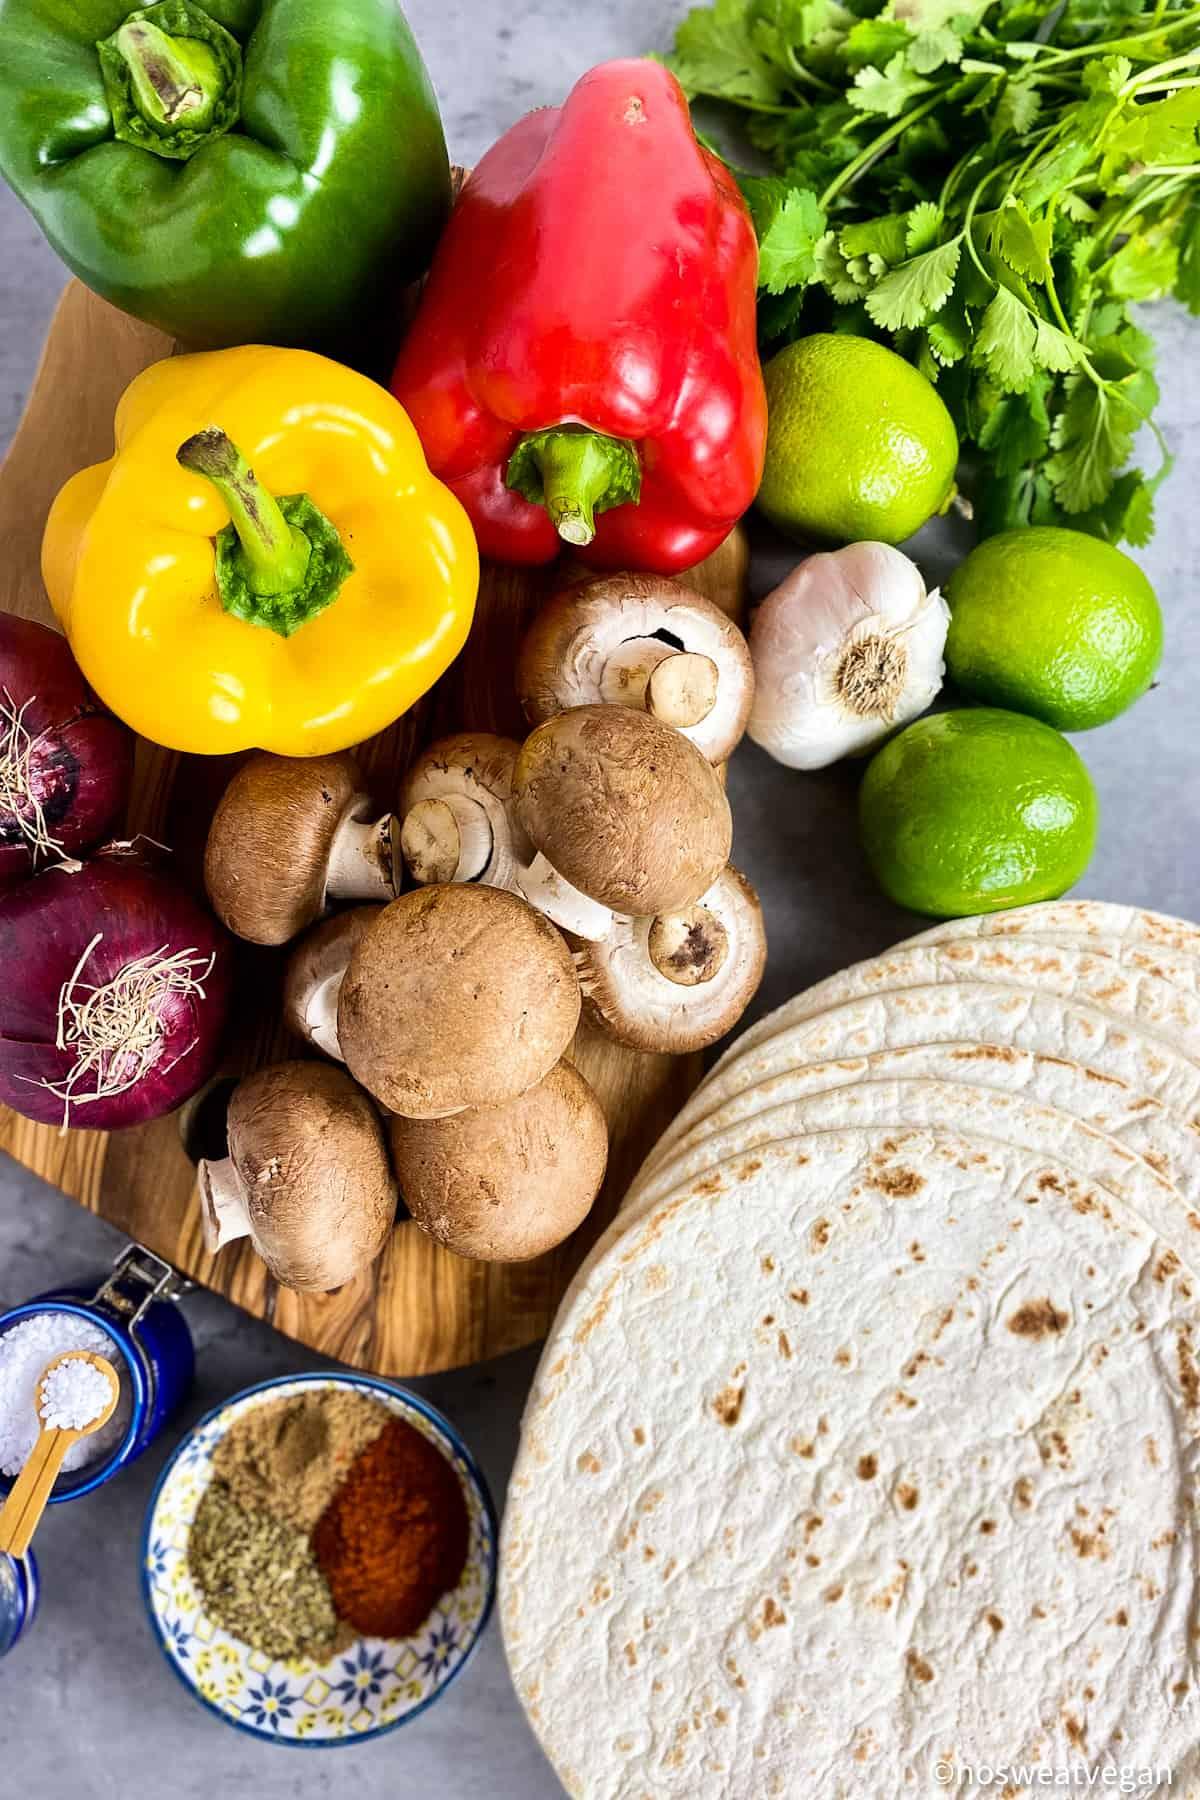 ingredients for vegetable fajitas